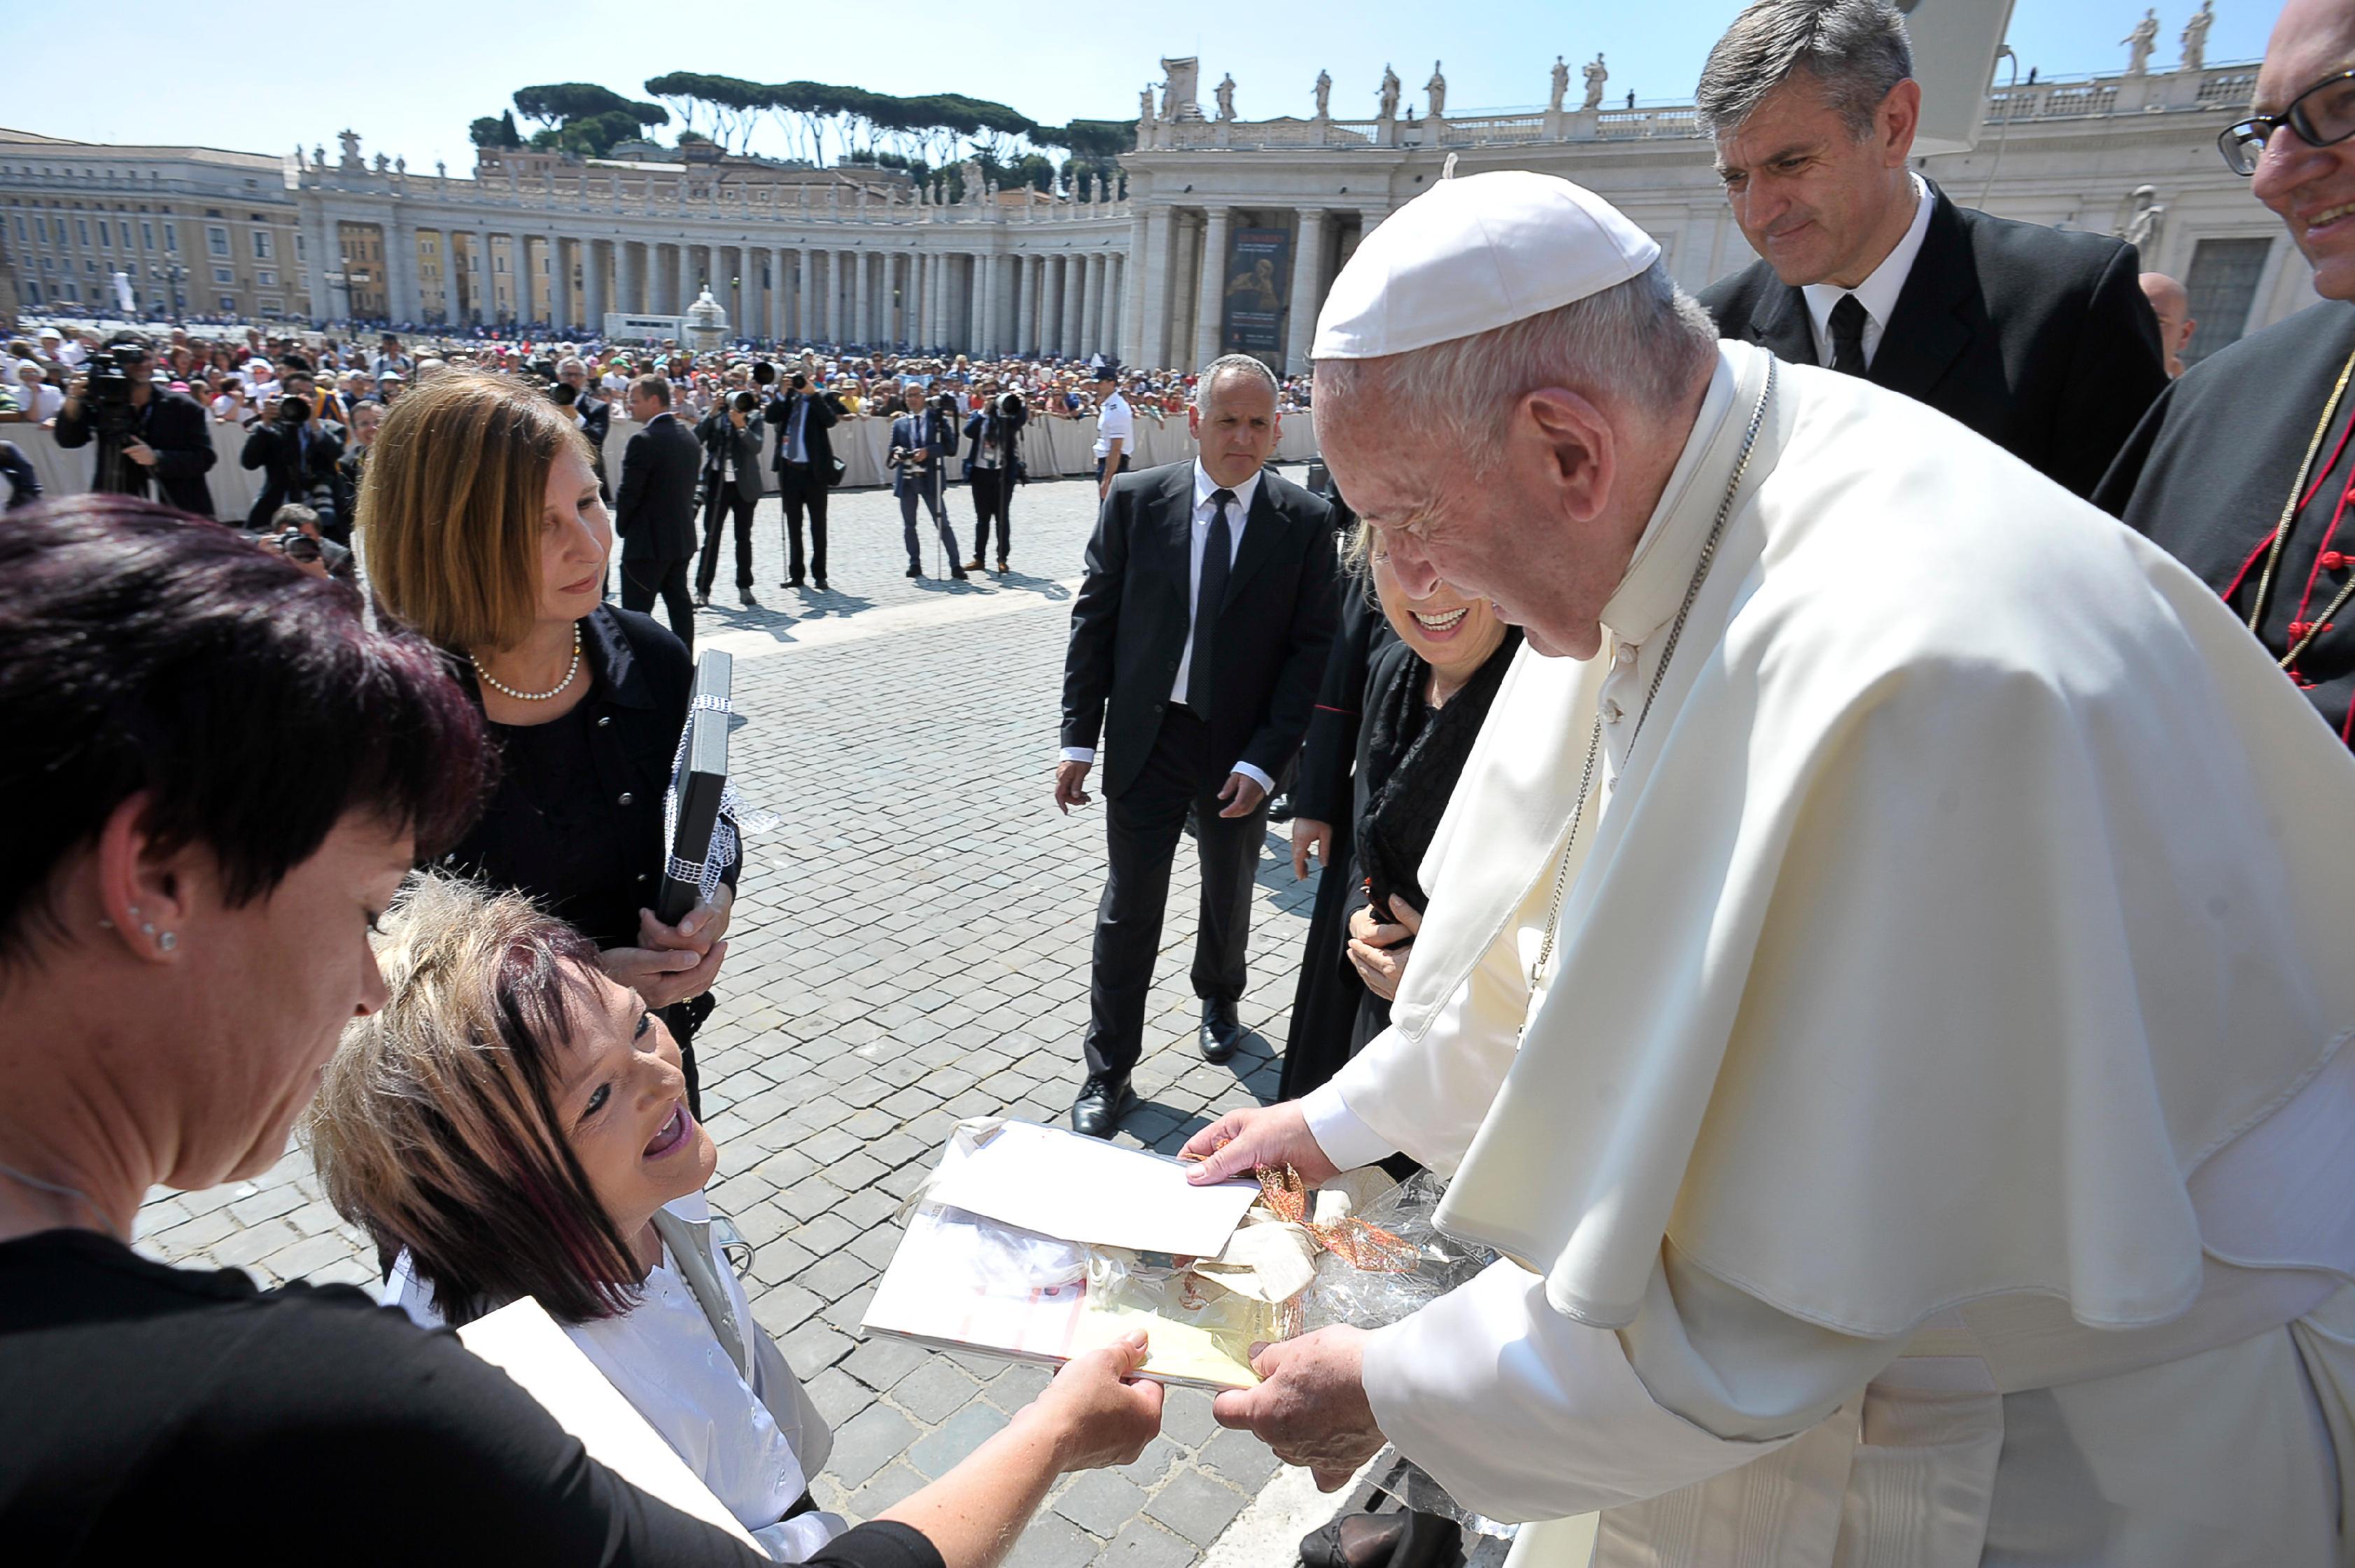 Eine besondere Ehre: RollOn Austria-Obfrau Marianne Hengl bei der Generalaudienz beim Papst in Rom.